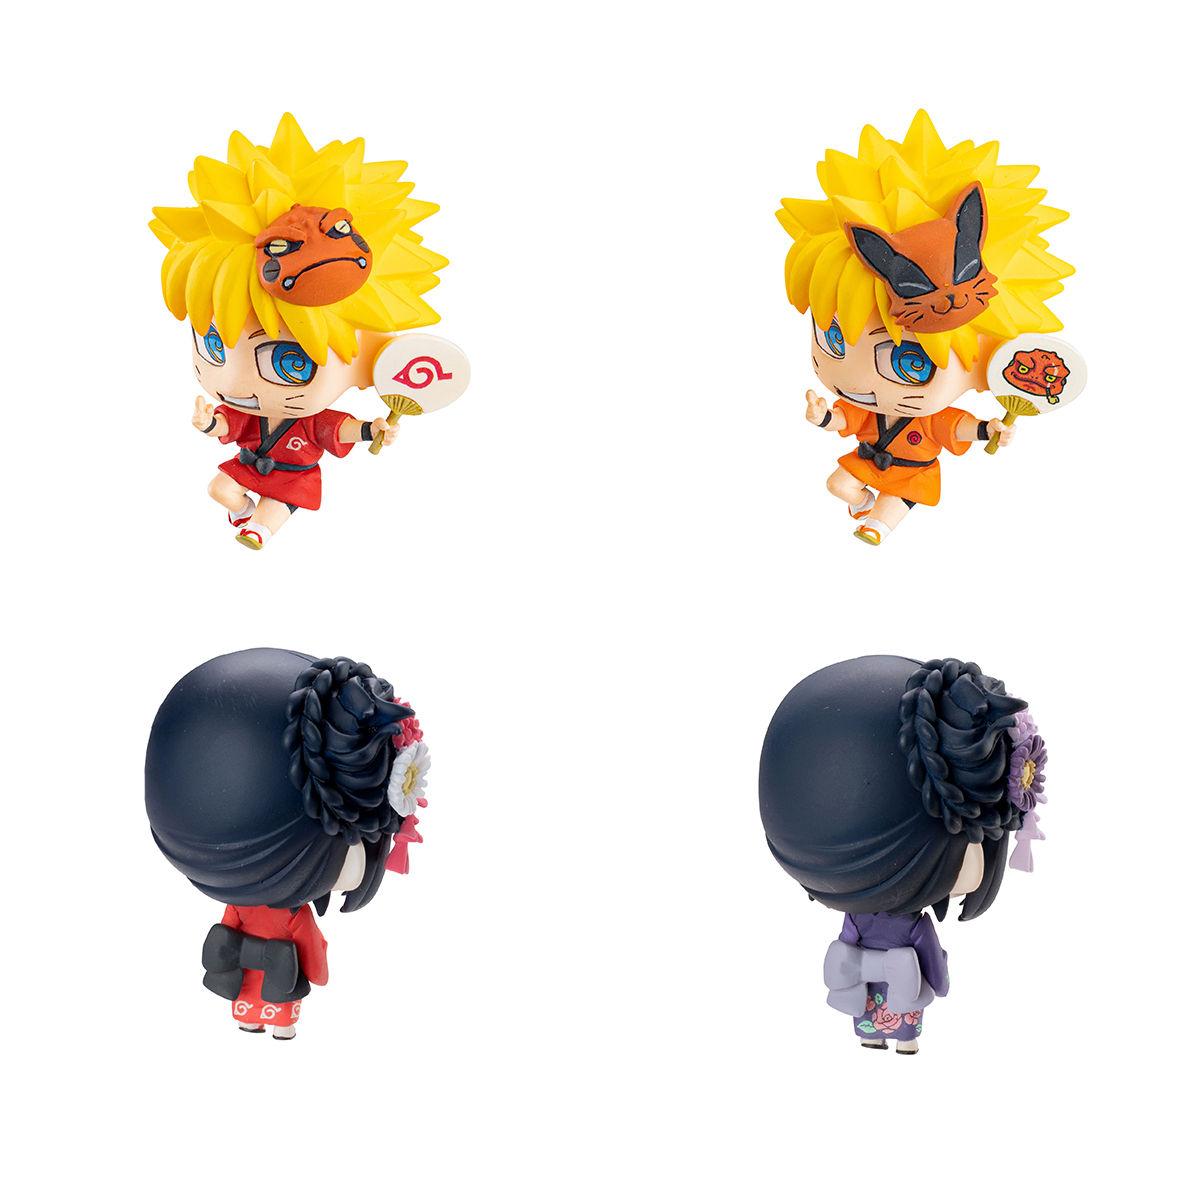 ちみメガ10周年企画『ぷちきゃらランド NARUTO -ナルト- 疾風伝 10周年祭開幕だってばよ!』10個入りBOX-003